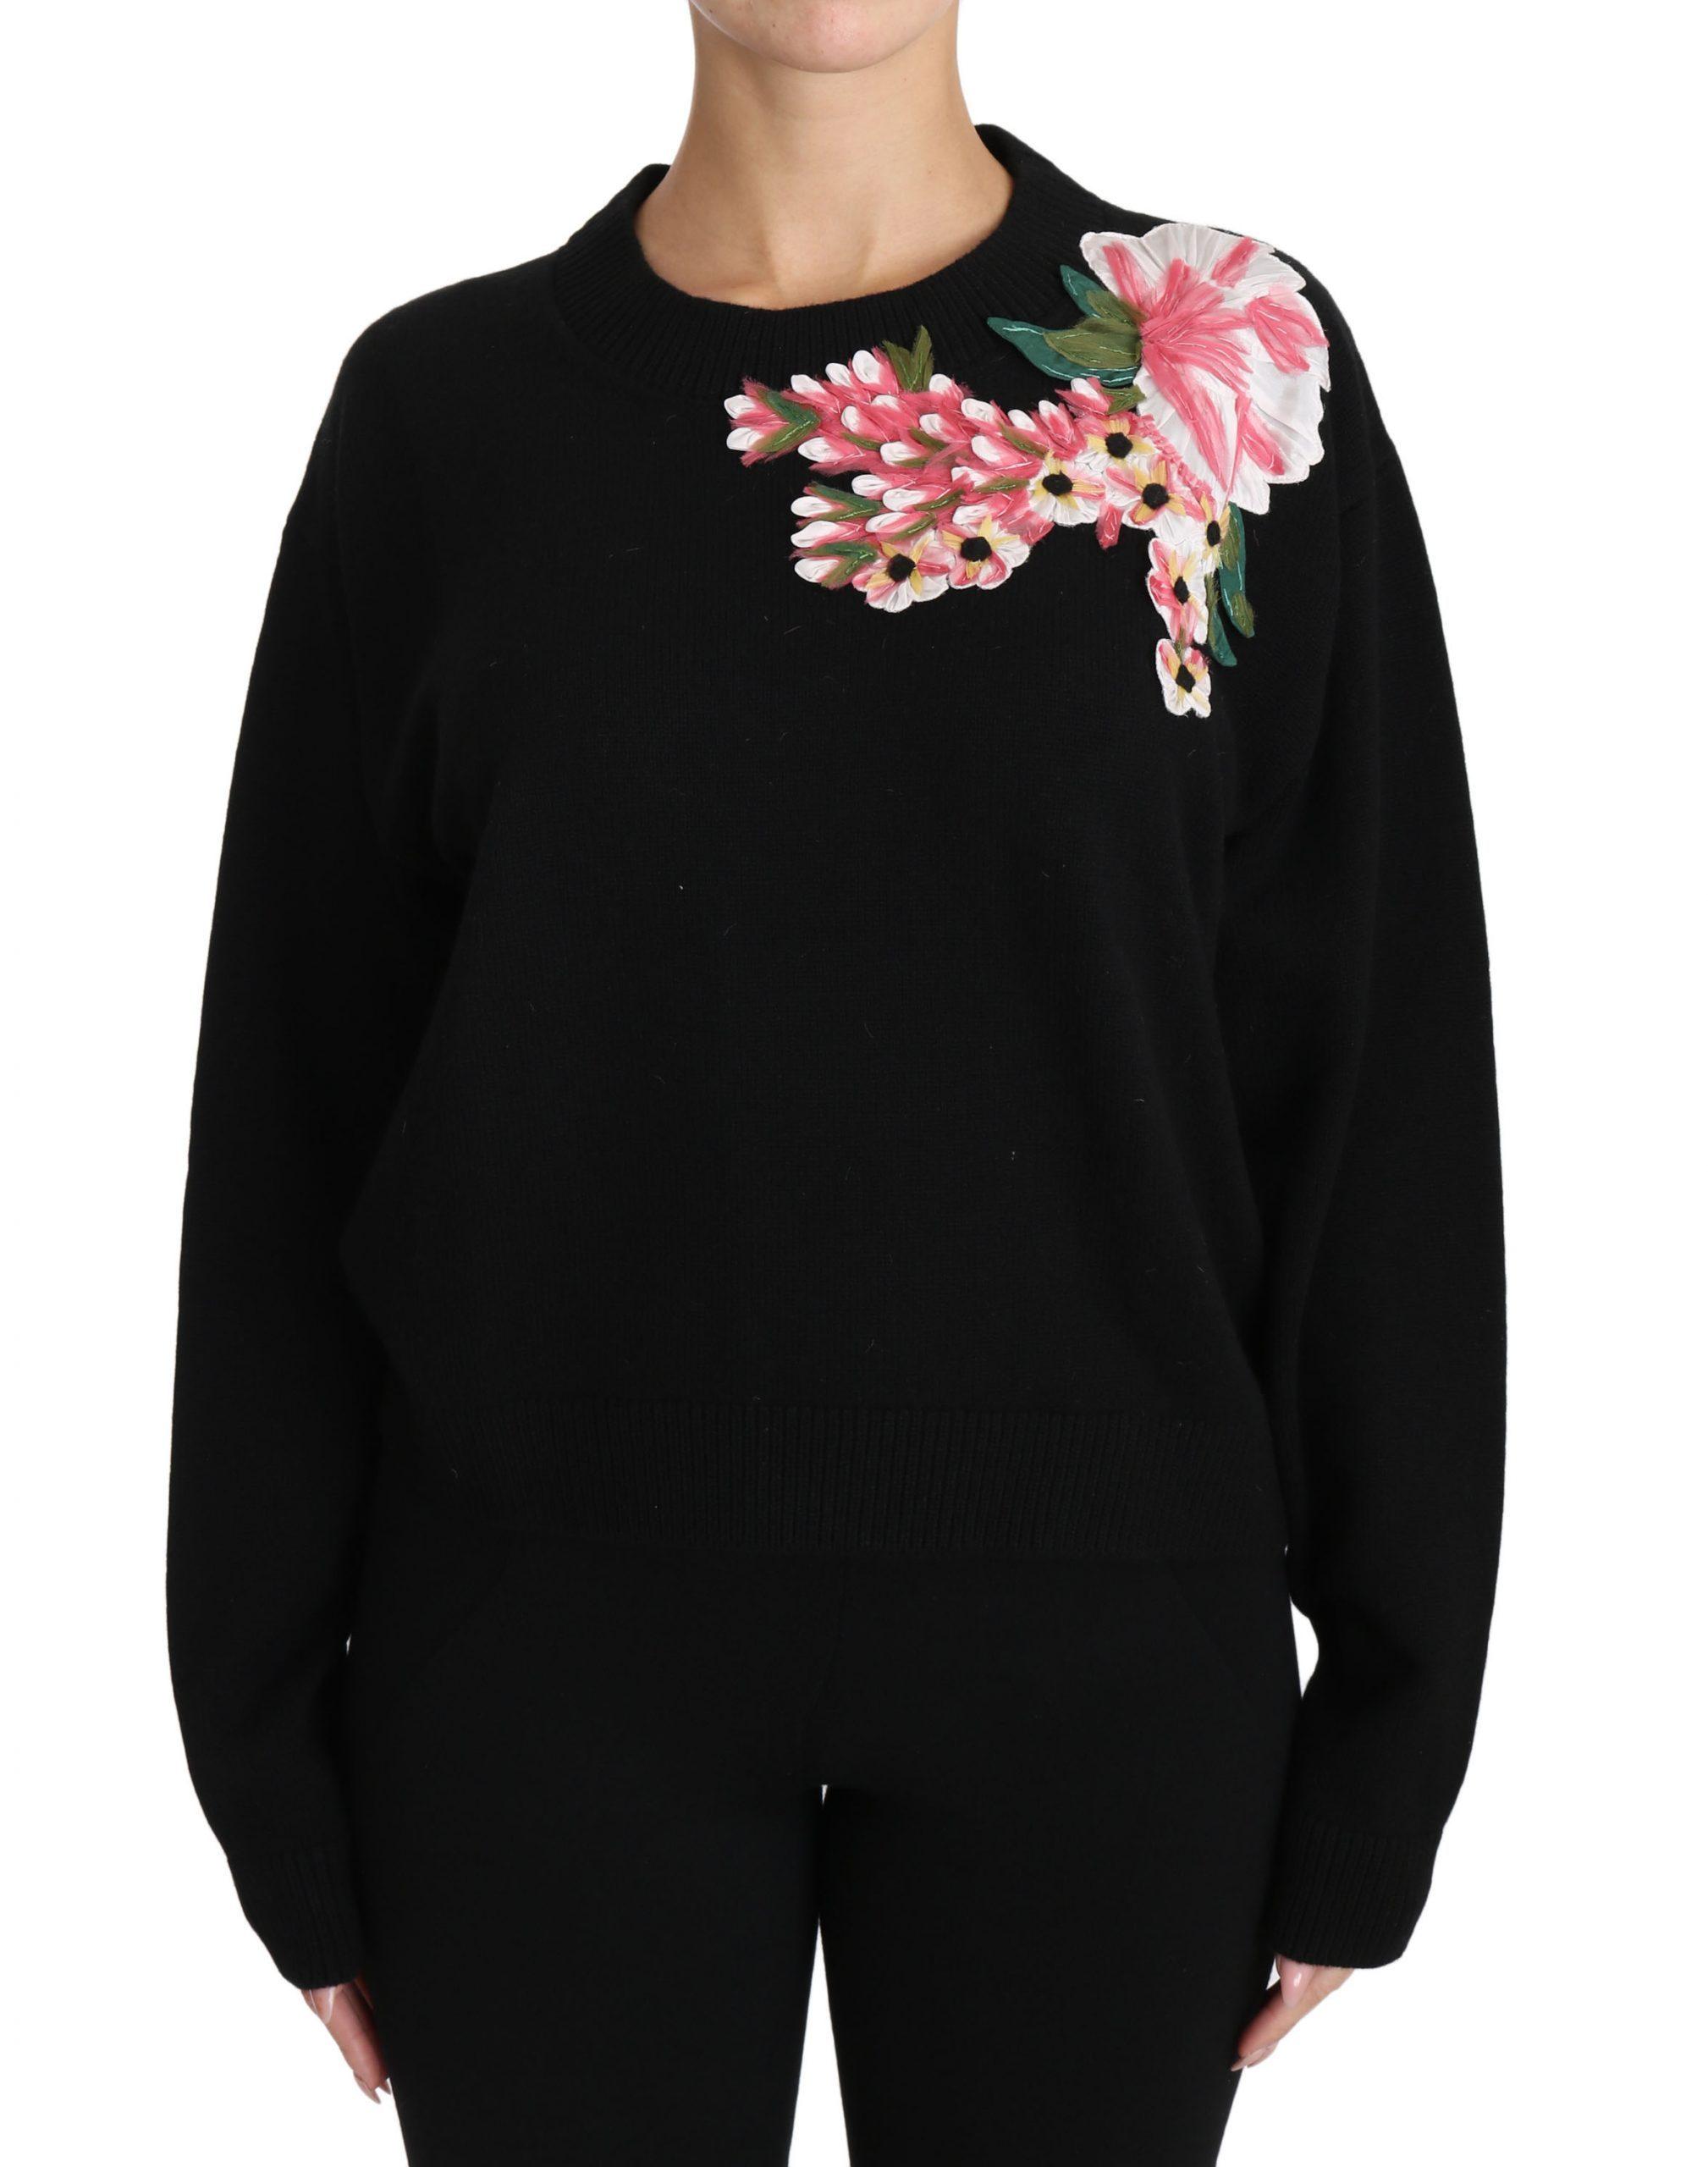 Dolce & Gabbana Women's Cashmere Floral Top Black TSH3090-44 - IT44 L